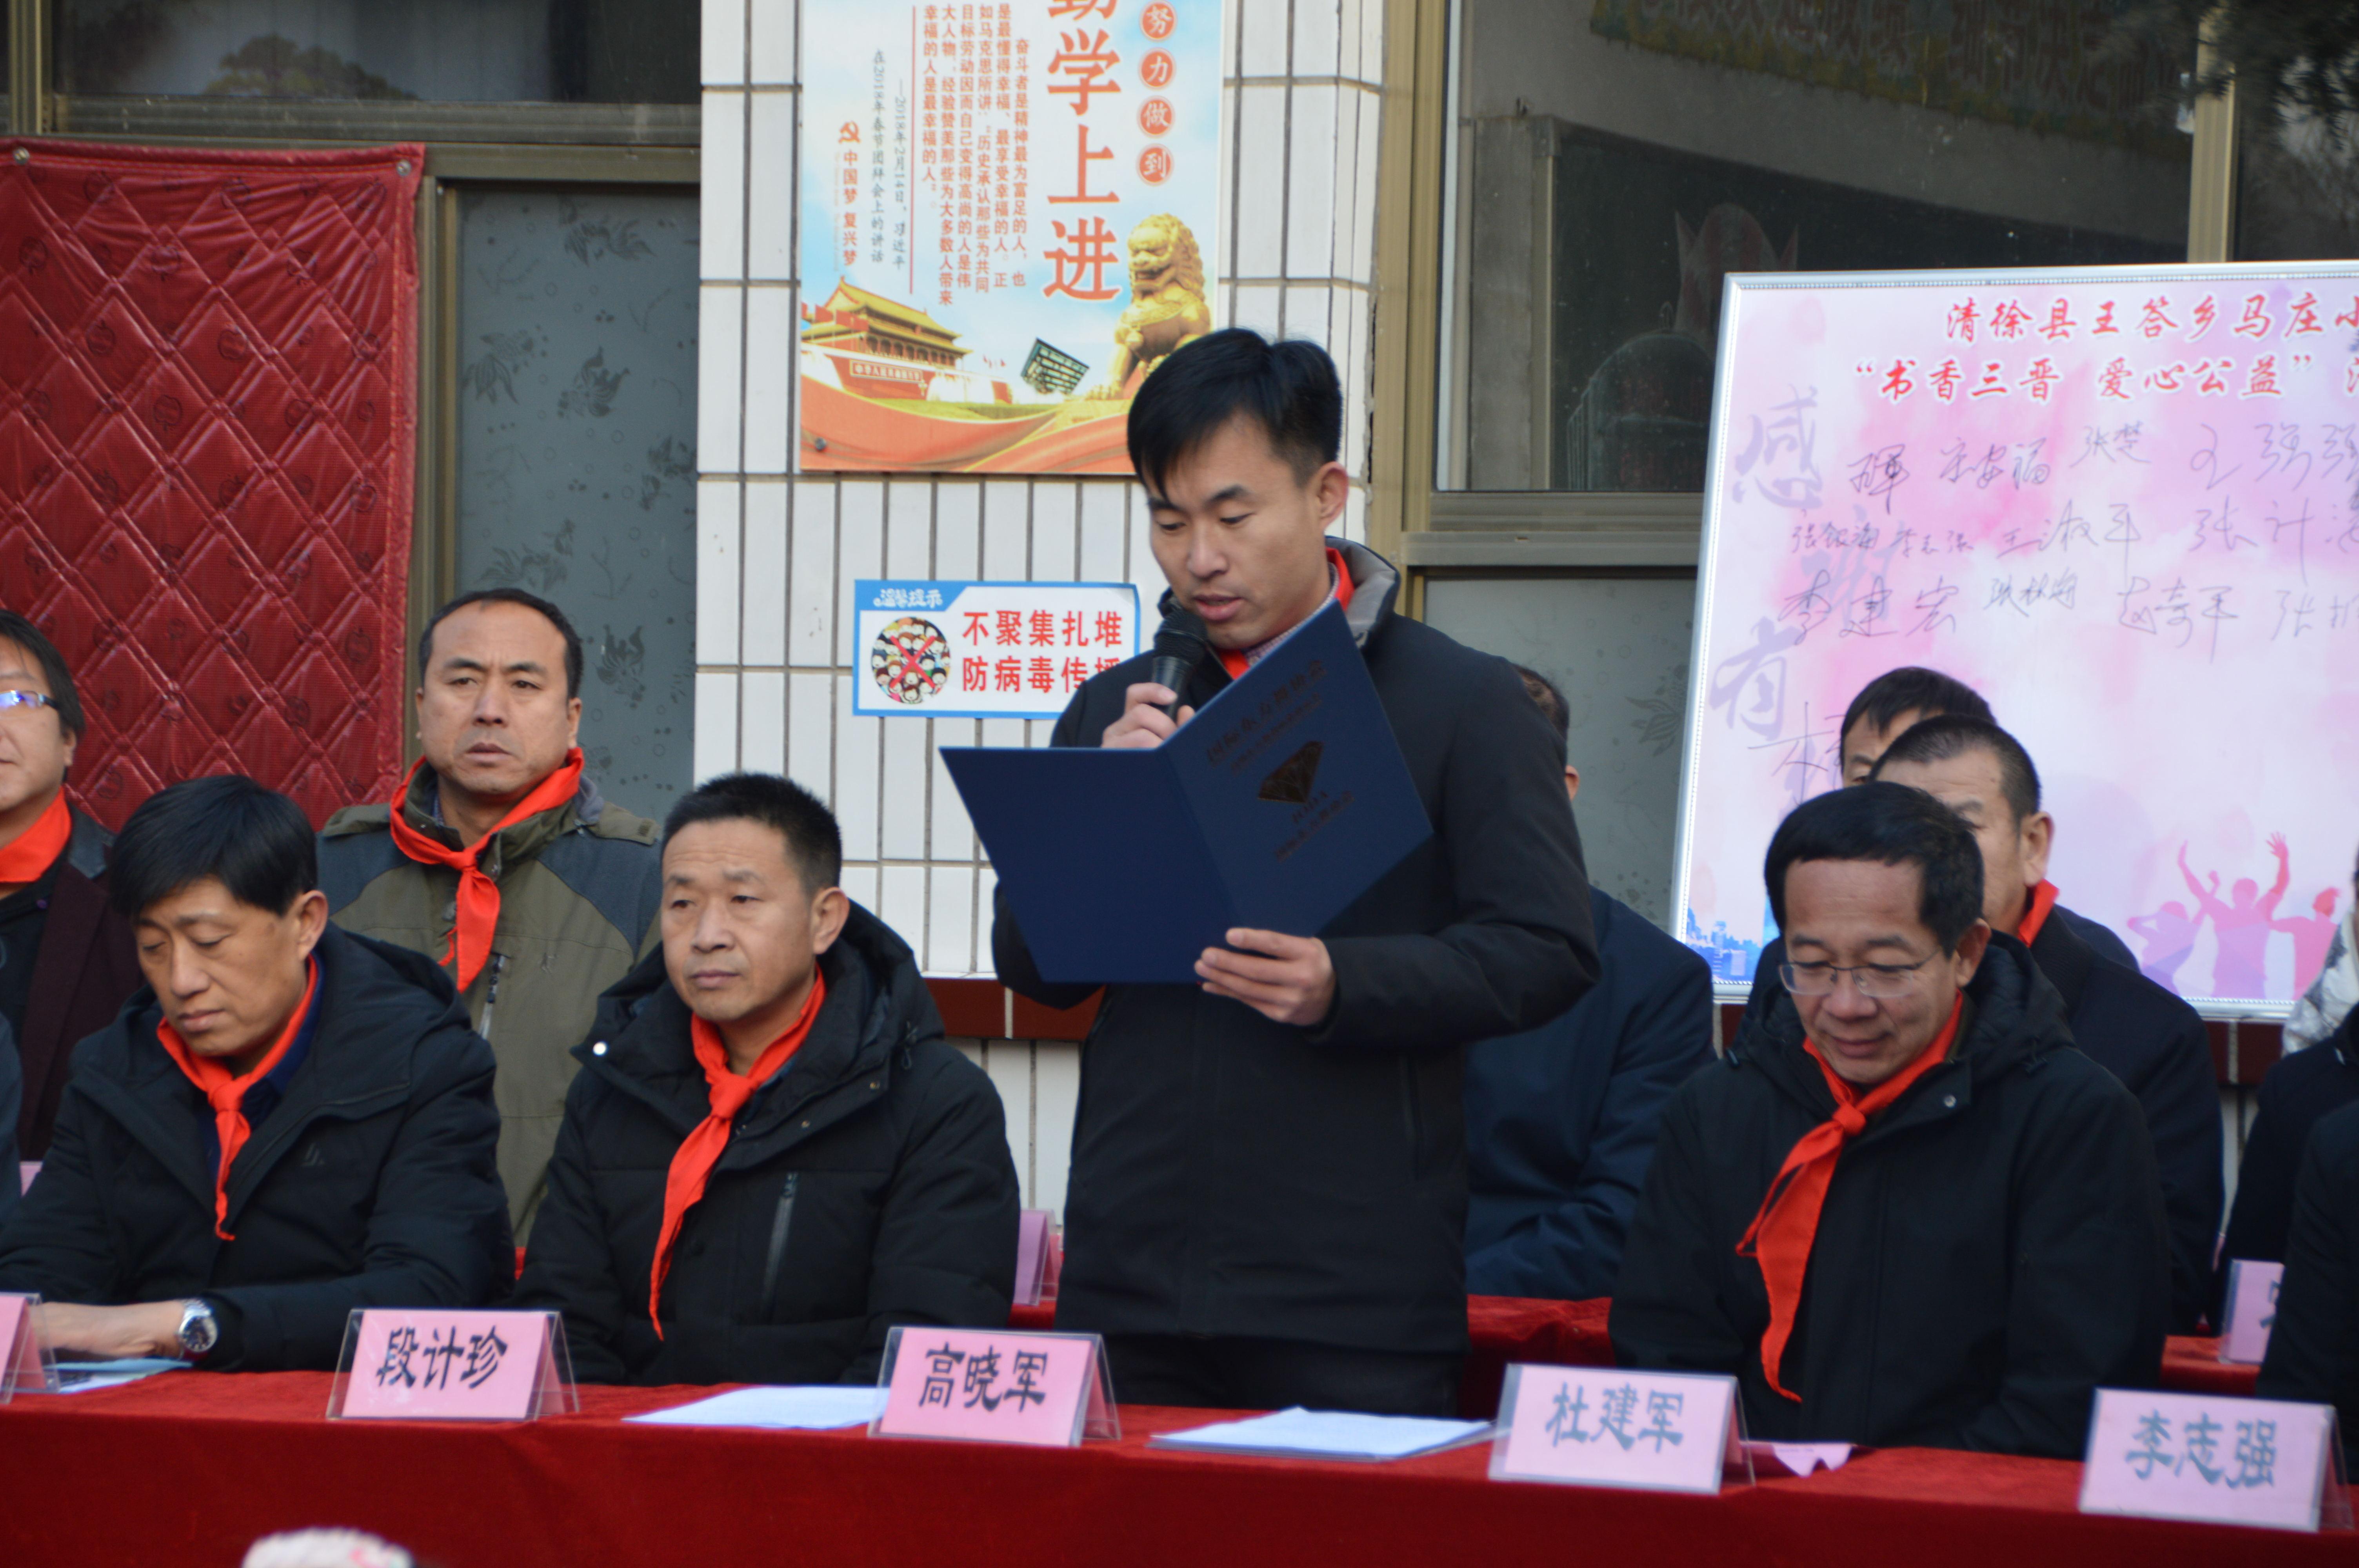 """太原中华文化促进会青少年专委会""""书香三晋、爱心公益""""就在你身边"""